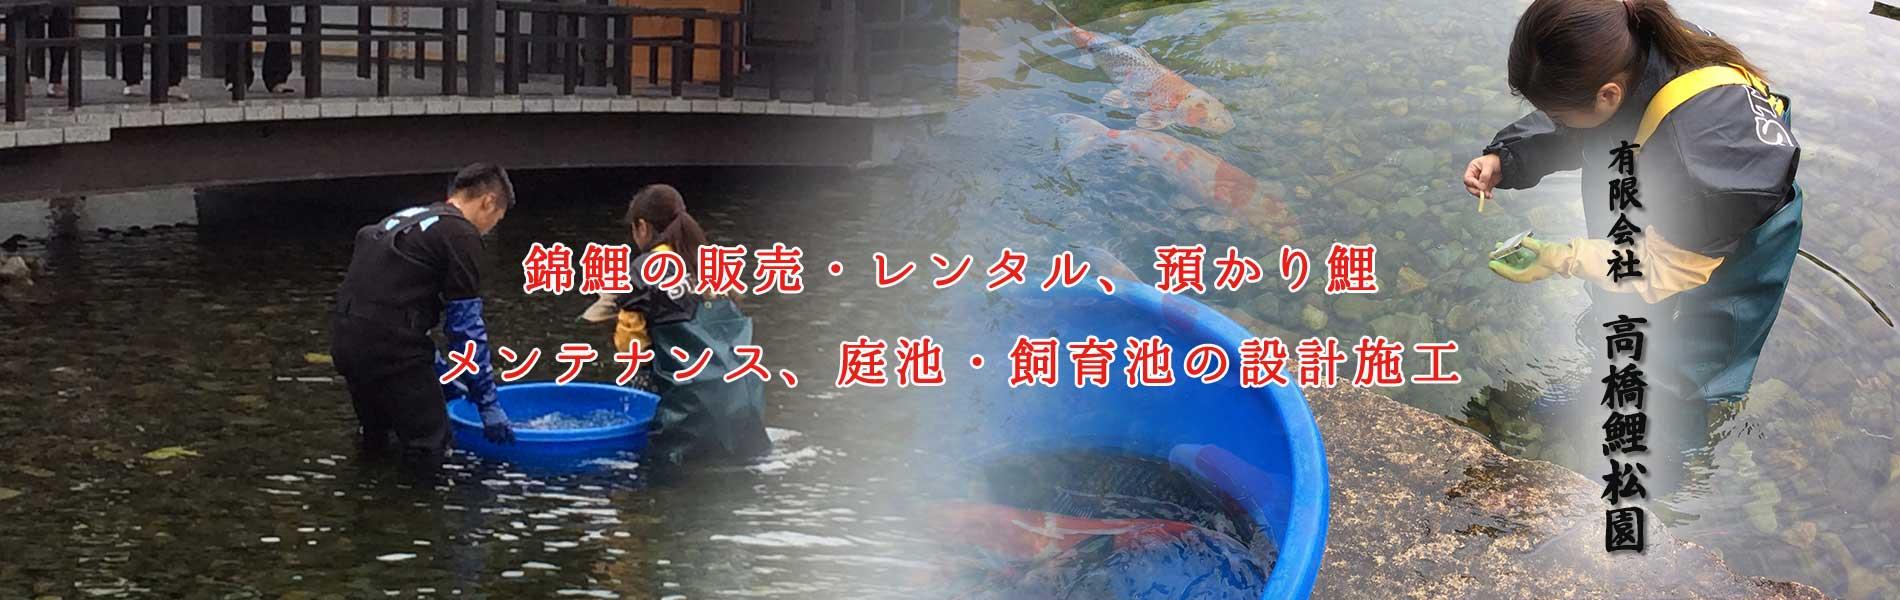 錦鯉の販売・レンタル、預かり鯉、メンテナンス